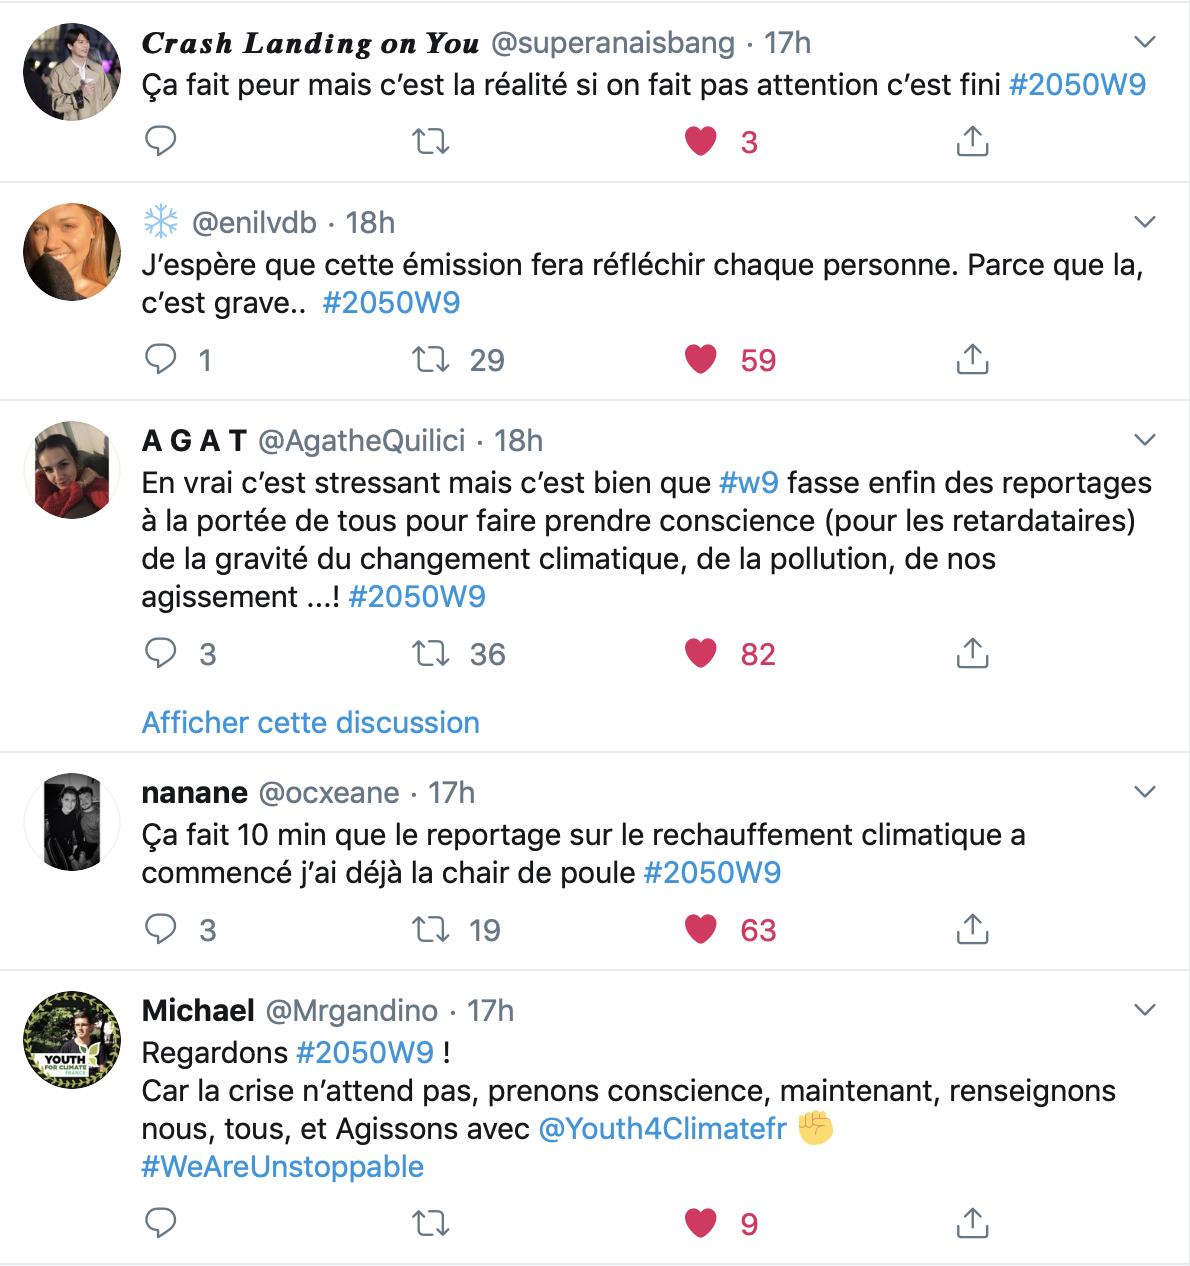 2050 - Alerte climat - W9 - documentaire - Stéphanie Renouvin - débat - twitter